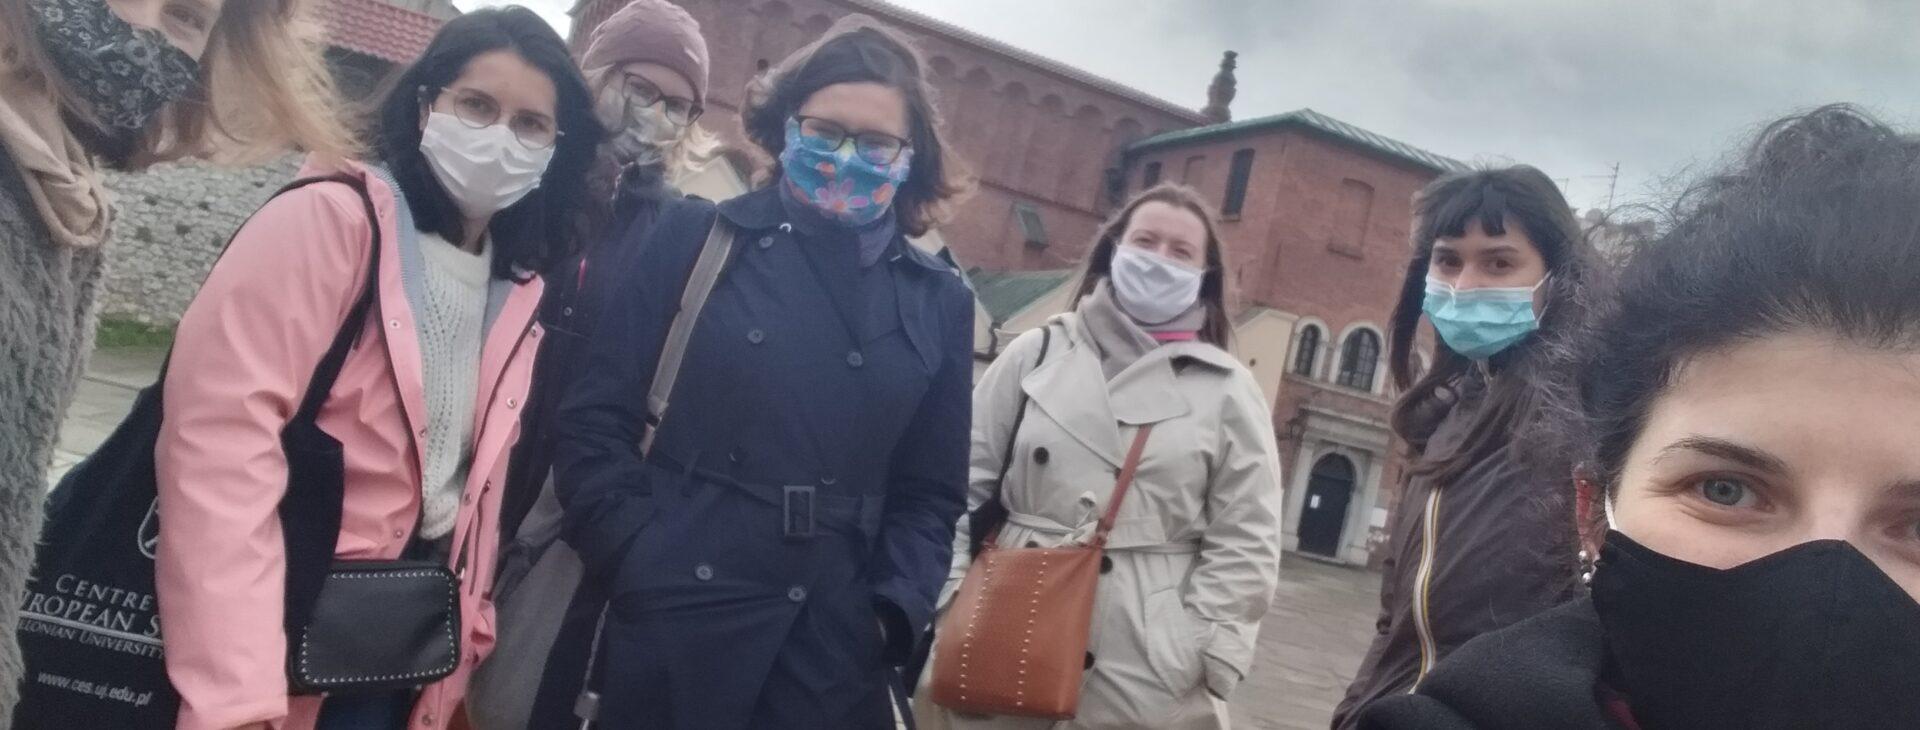 7 kobiet stoi przodem do zdjęcia, ubrane są w płaszcze i kurtki, mają maski na twarzach.